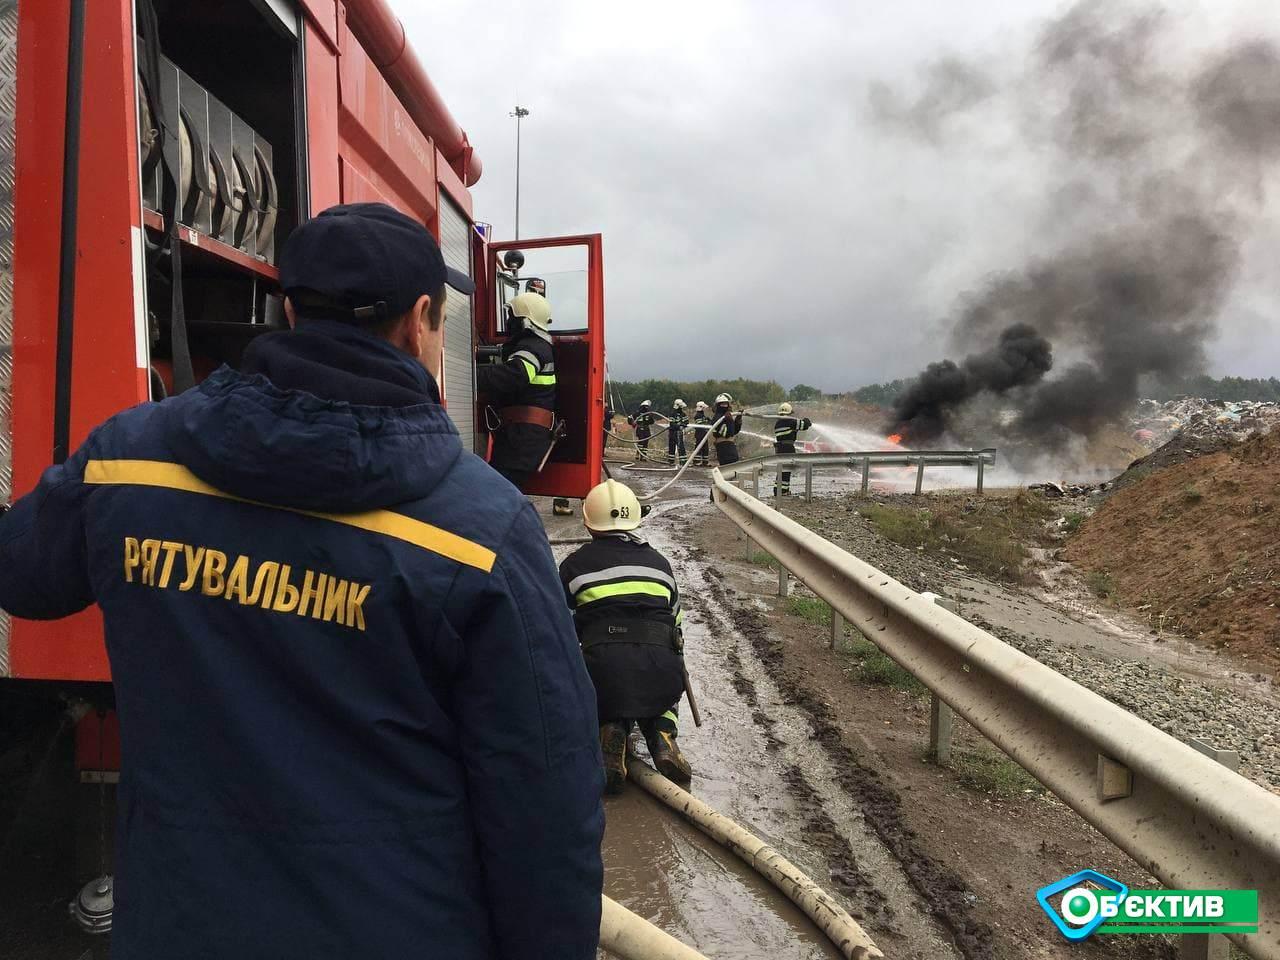 Условный пожар тушили на полигоне ТБО в Дергачах